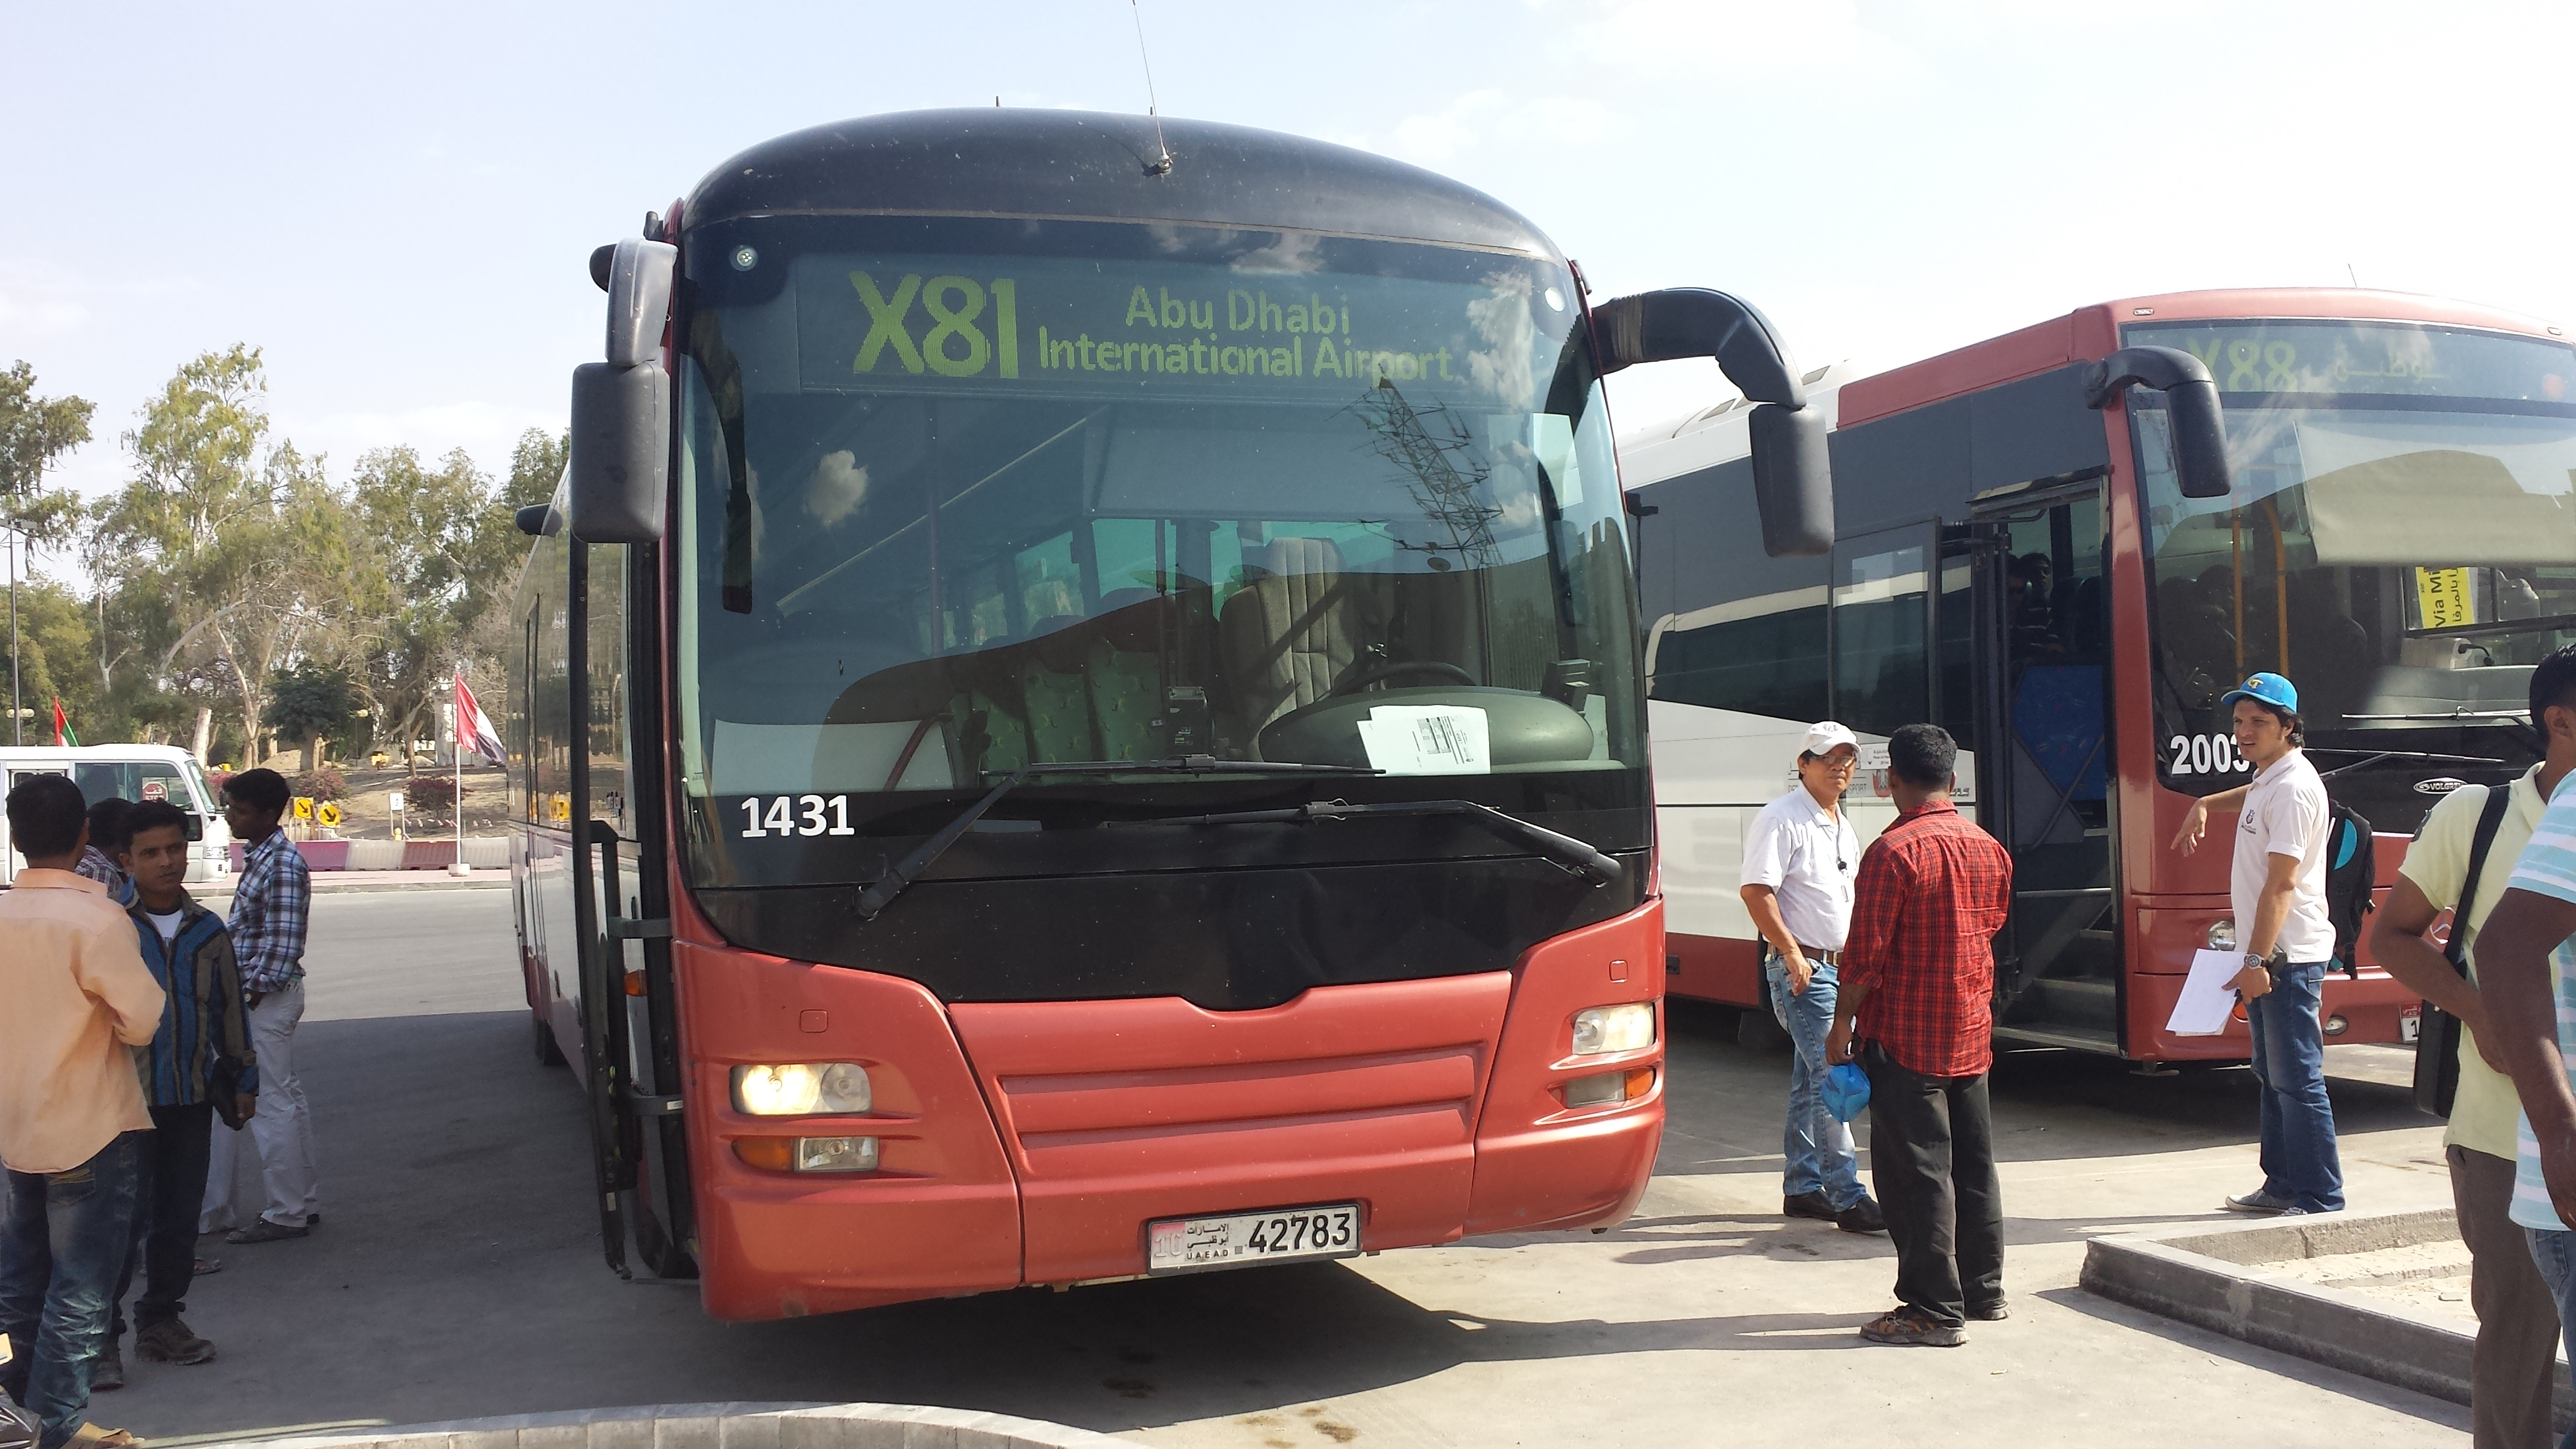 Bus X81 Ruwais to Abu Dhabi Intl Airport AUH